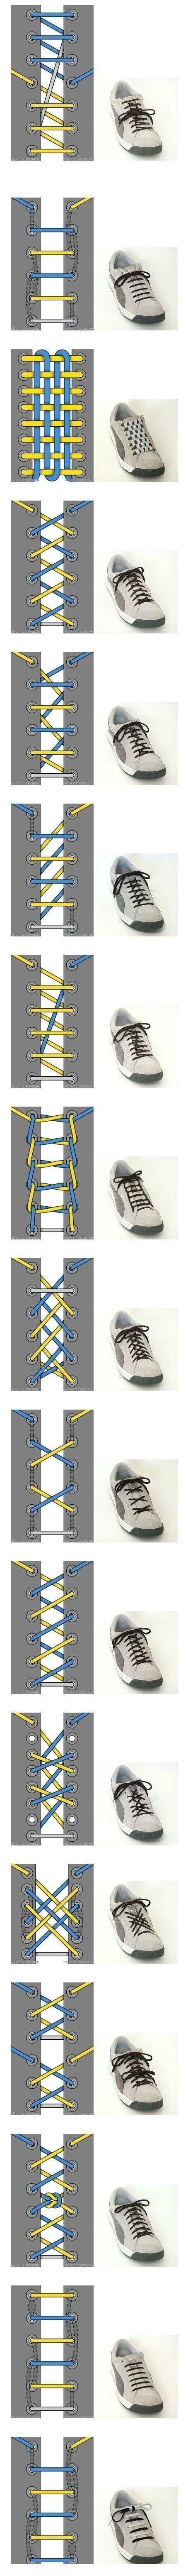 신발 끈 묶는 방법